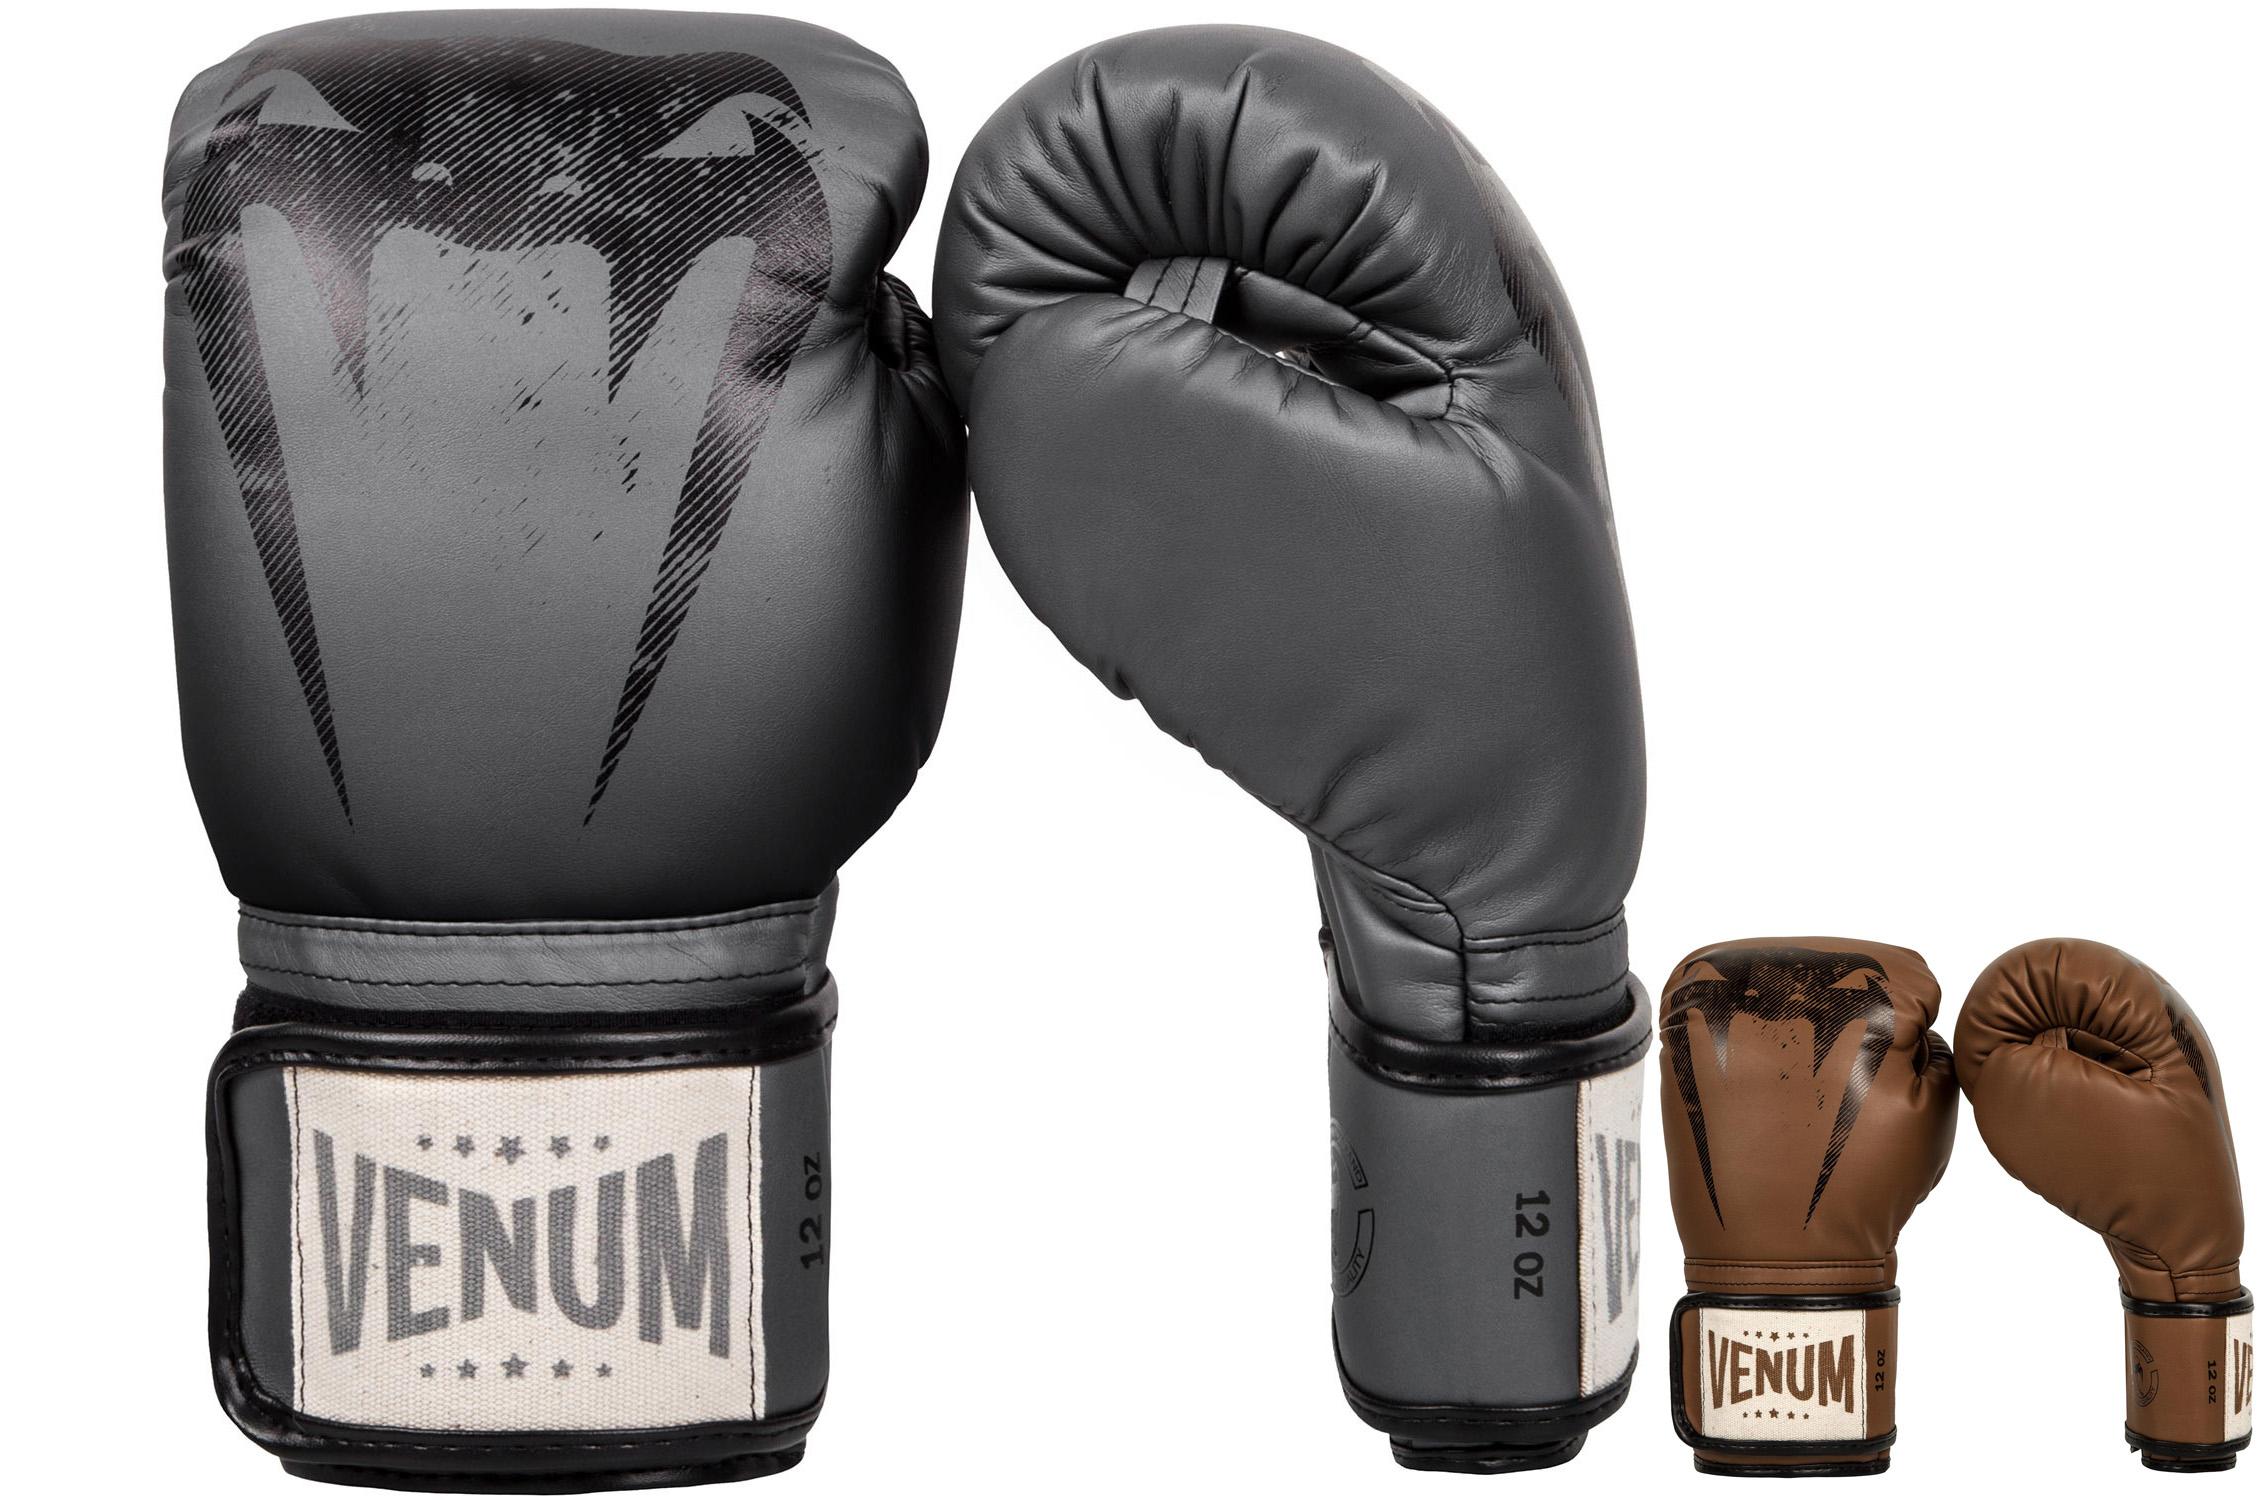 giant sparring boxing gloves venum. Black Bedroom Furniture Sets. Home Design Ideas